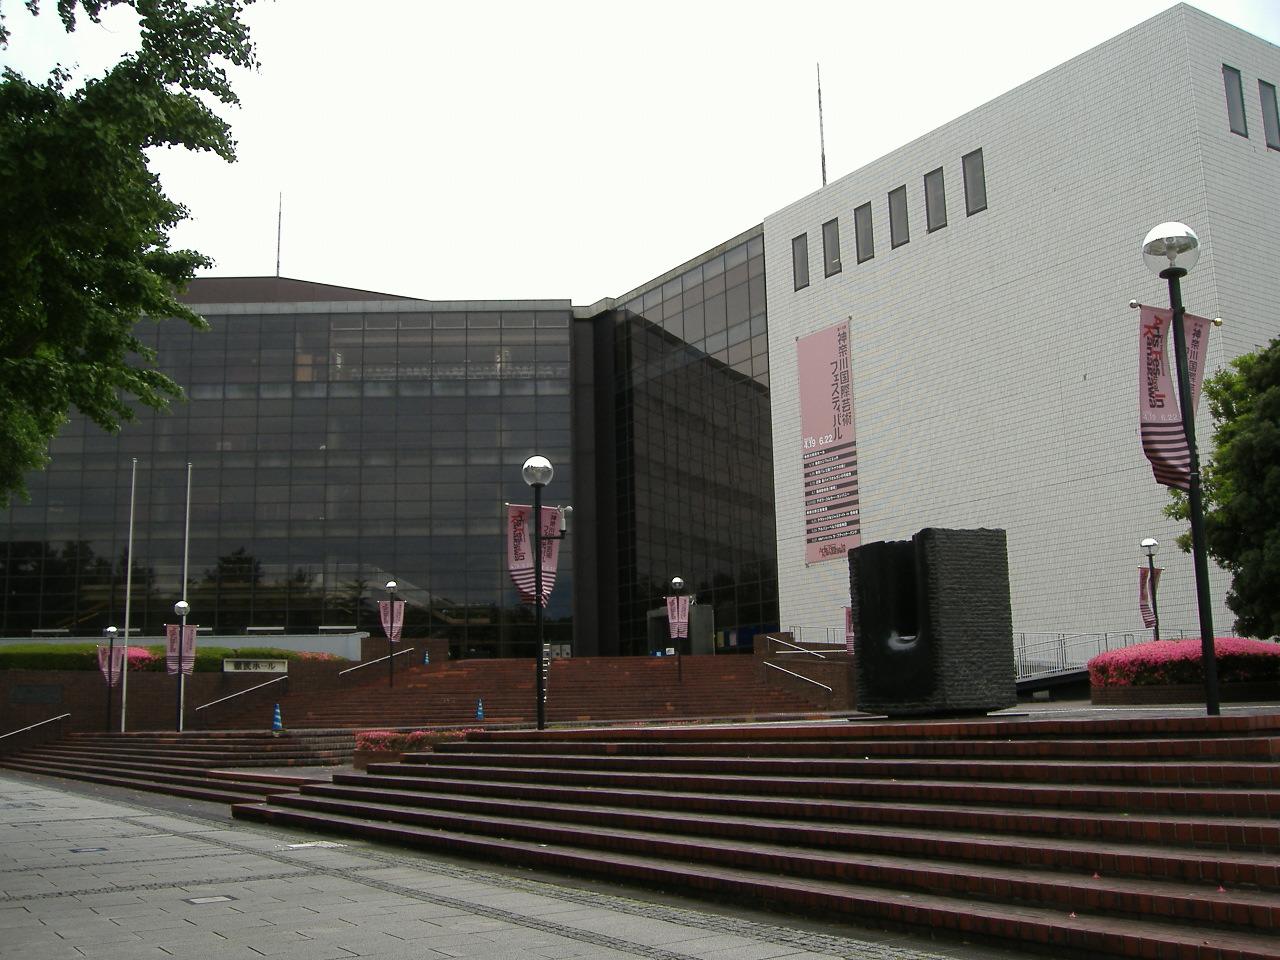 県民 ホール 神奈川 神奈川県民ホール 大ホール(リニューアル) コトブキシーティング株式会社